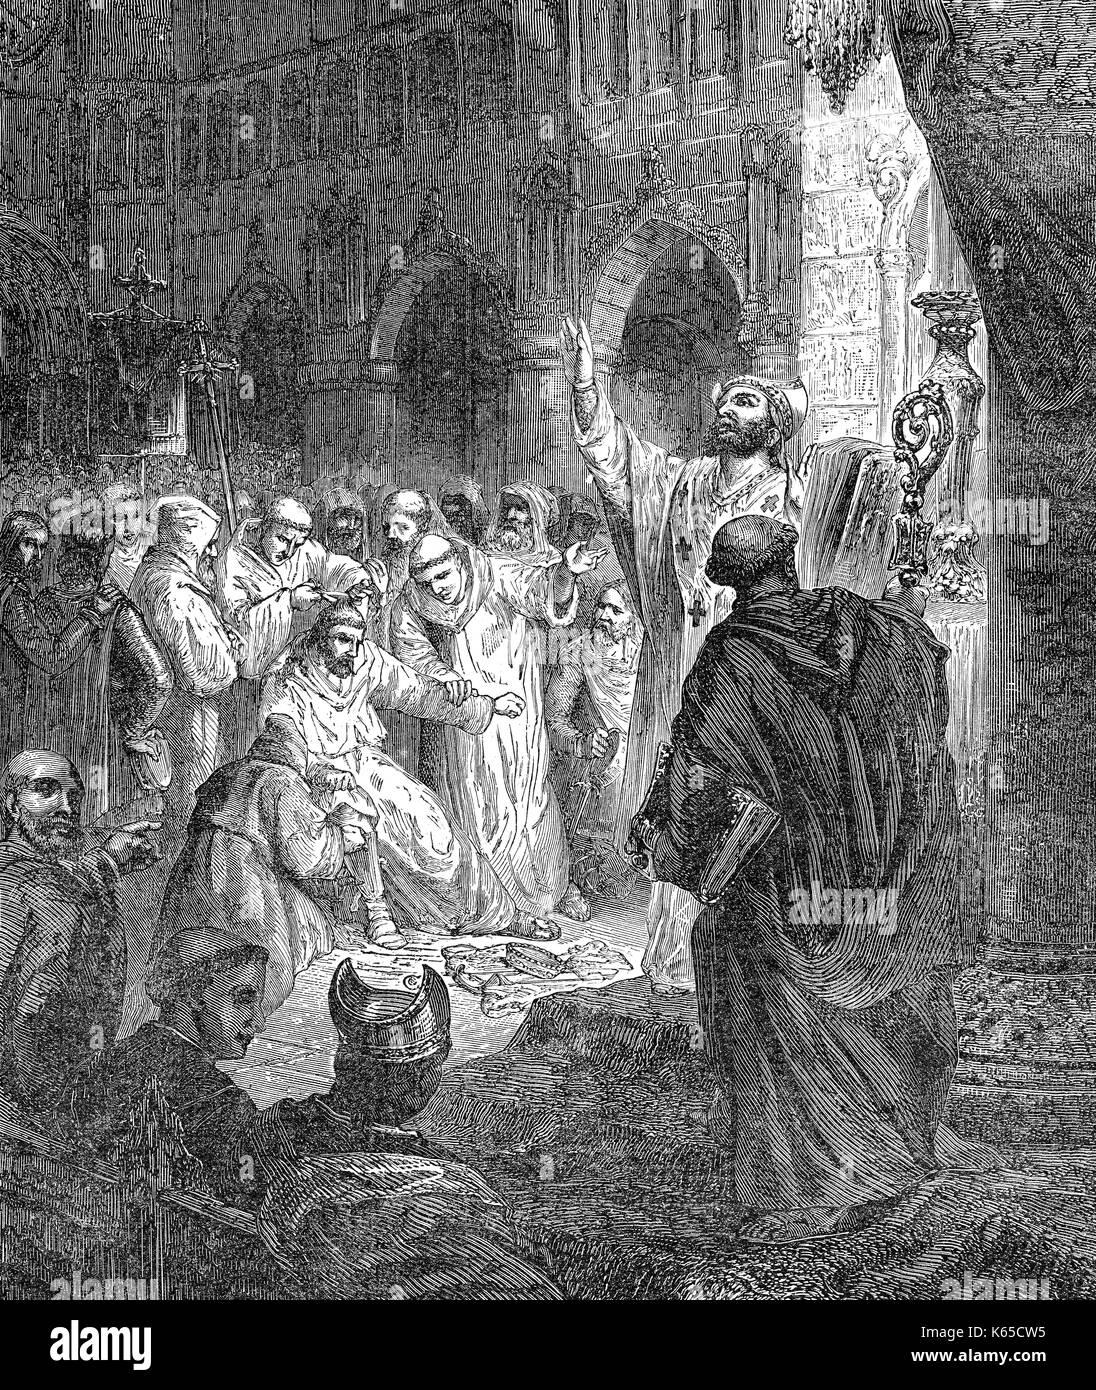 Childeric III, c. 717 - c. 754, Re di Francia, deposto nel monastero di Saint-Bertin, 751 Immagini Stock